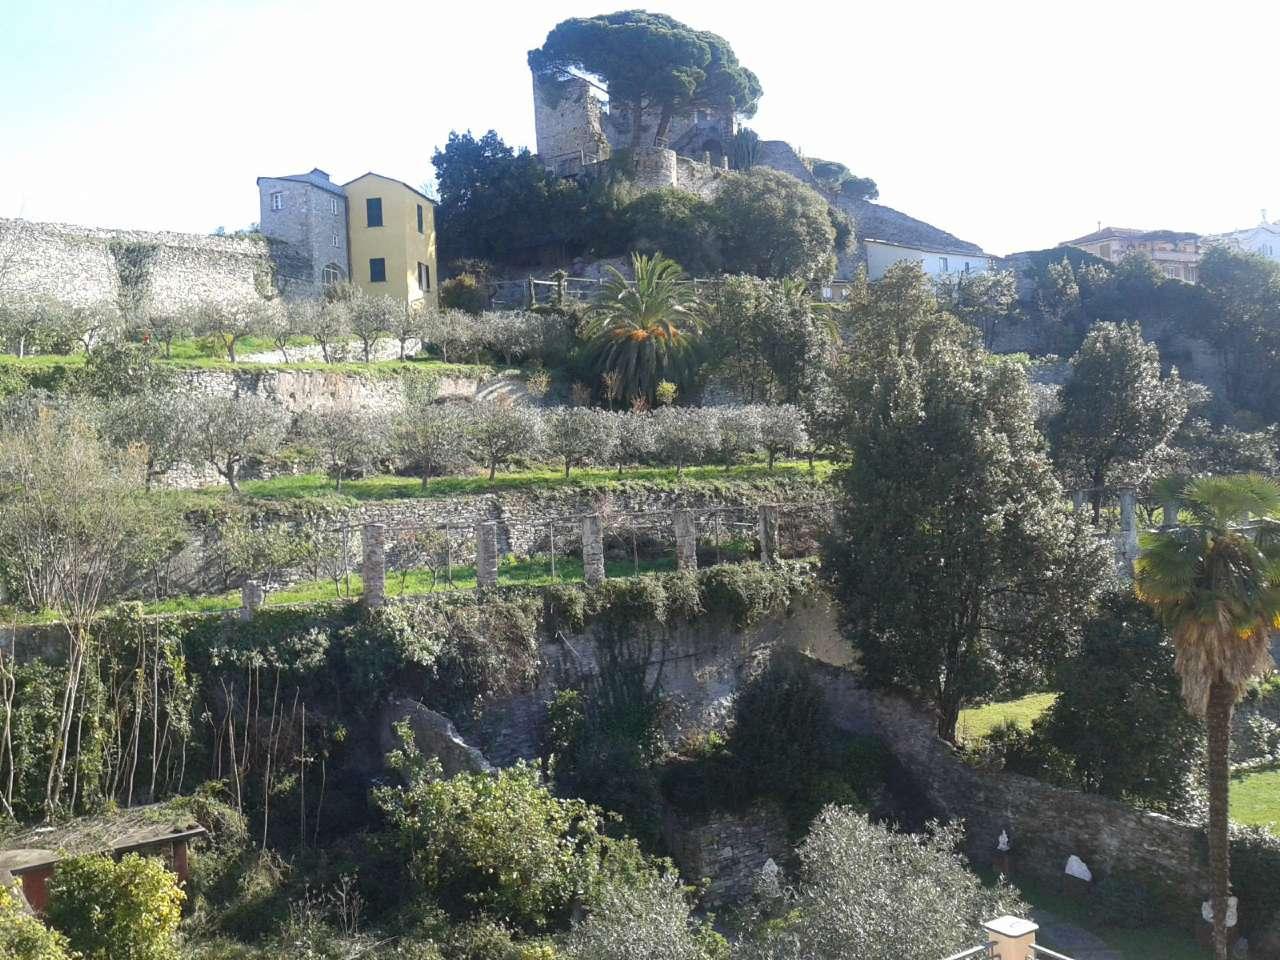 Appartamento in affitto a Chiavari, 10 locali, prezzo € 2.800 | CambioCasa.it